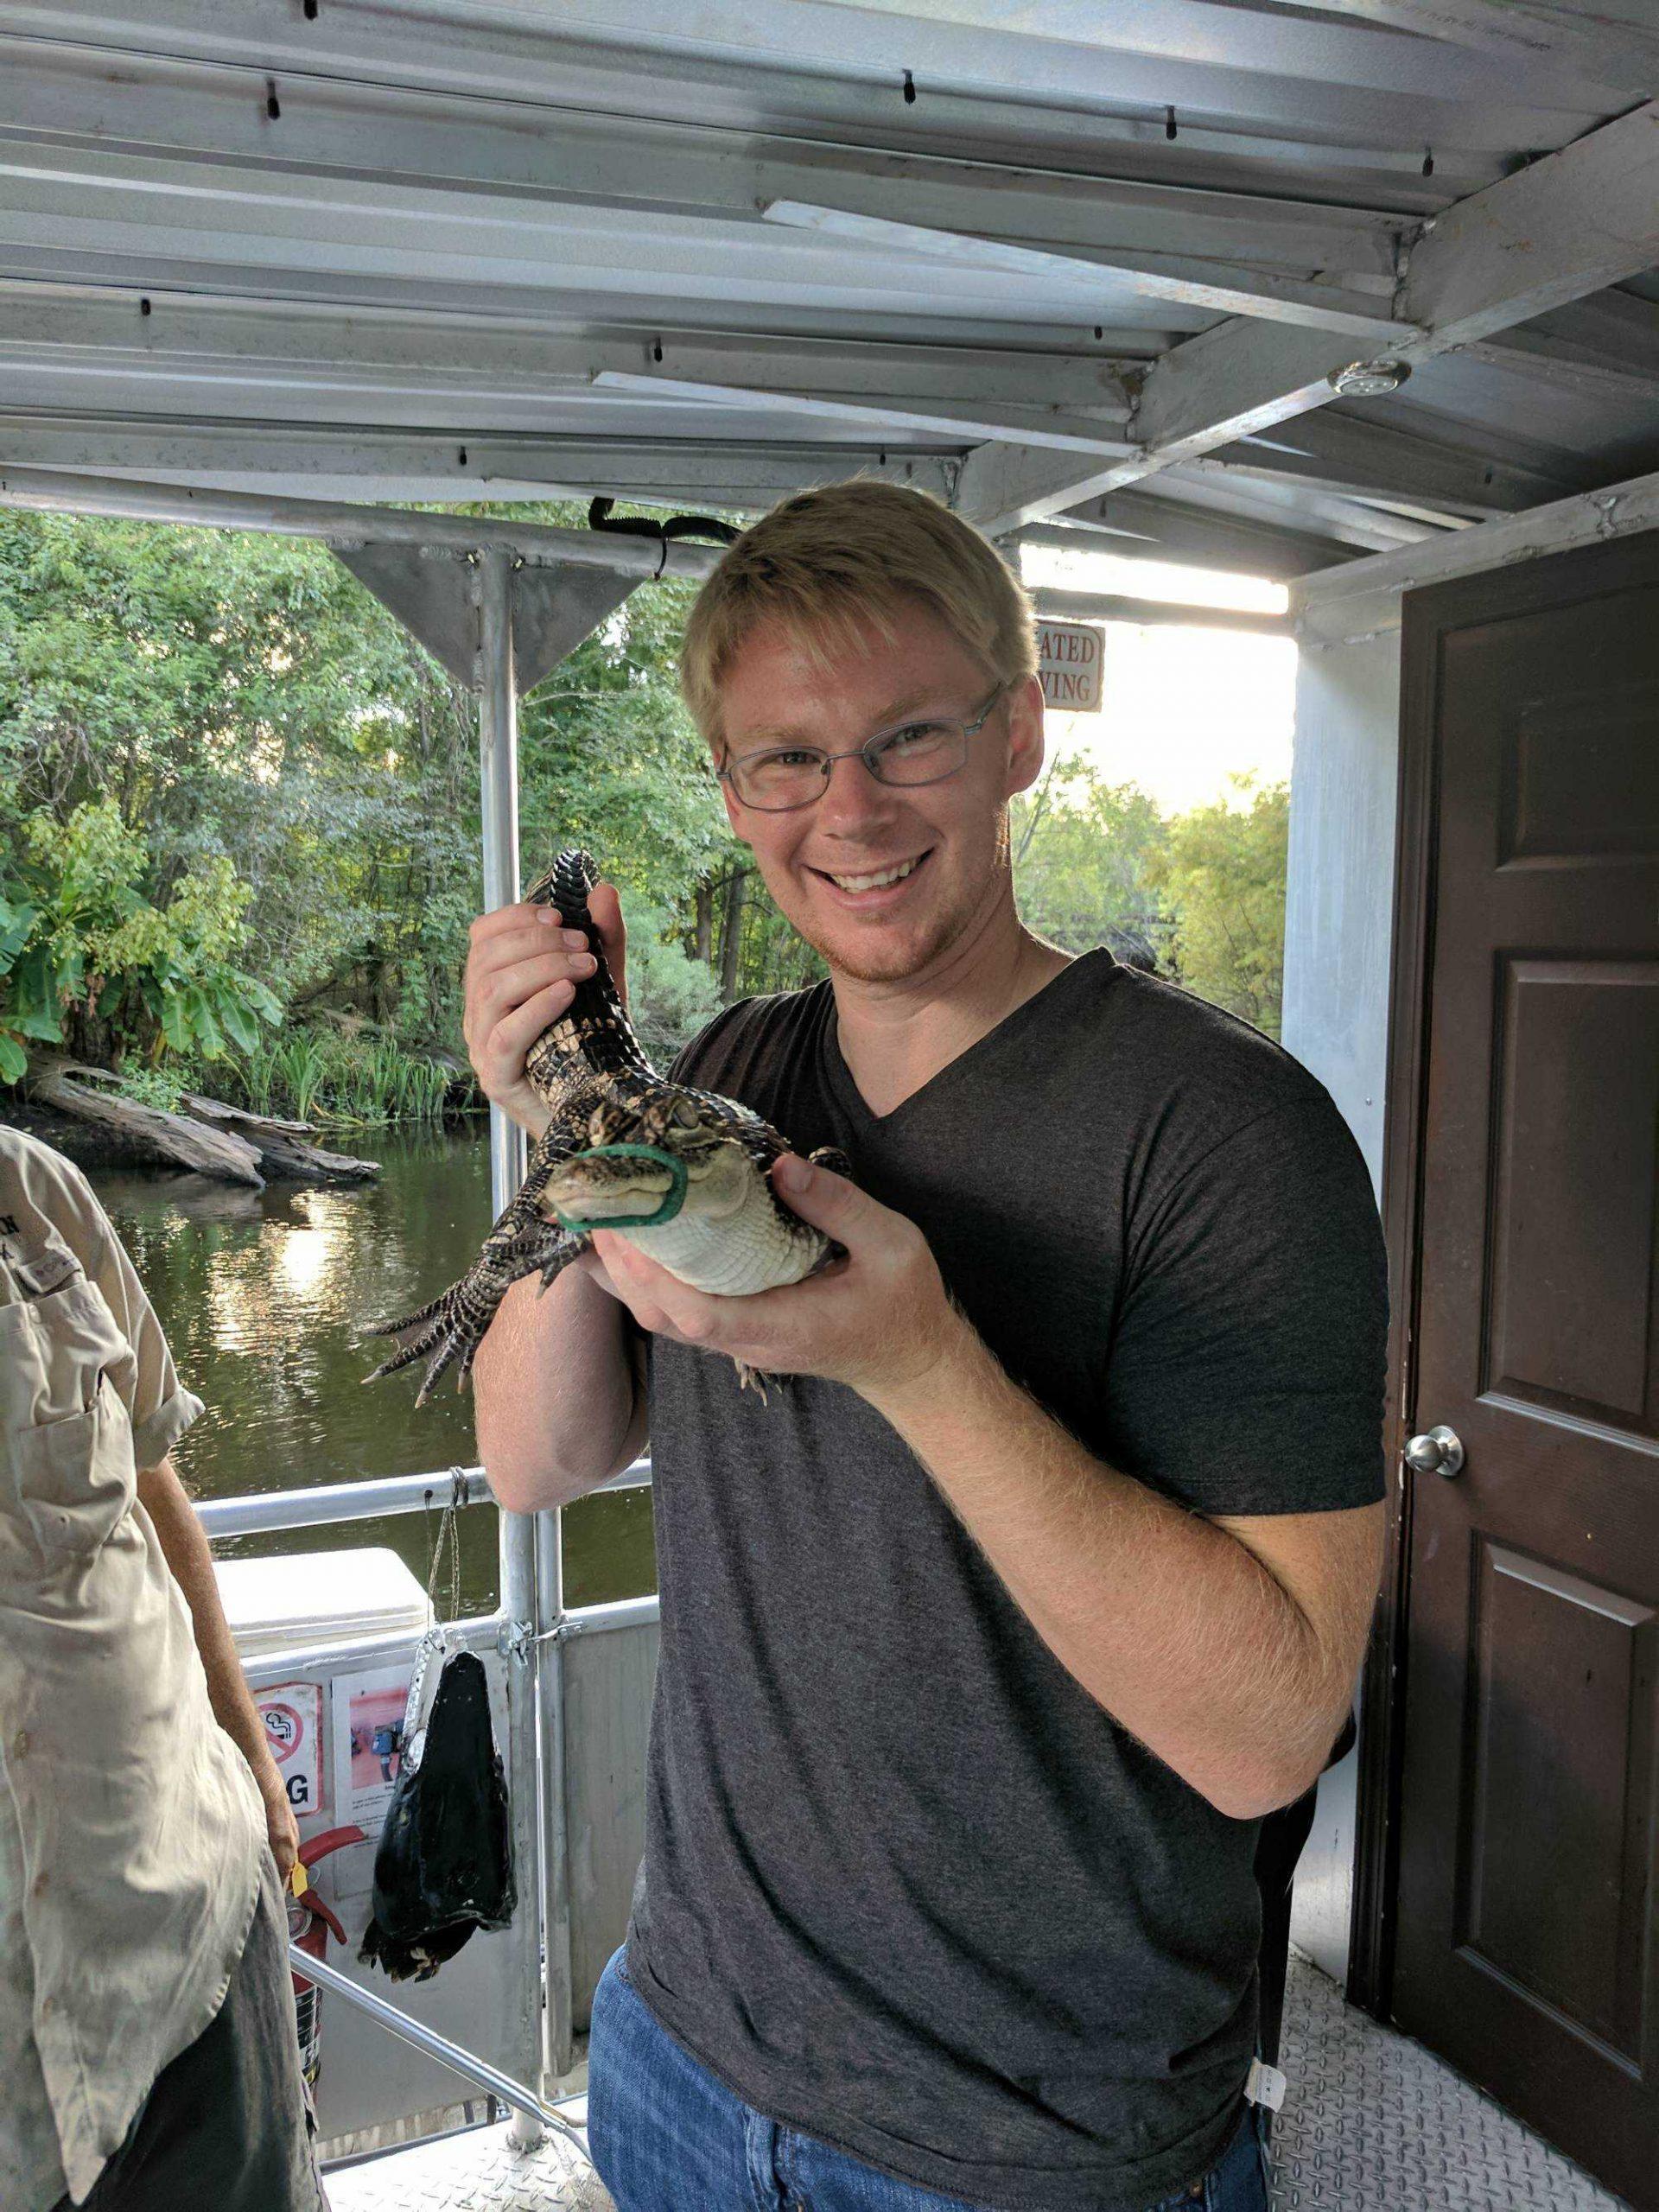 zeth holding alligator